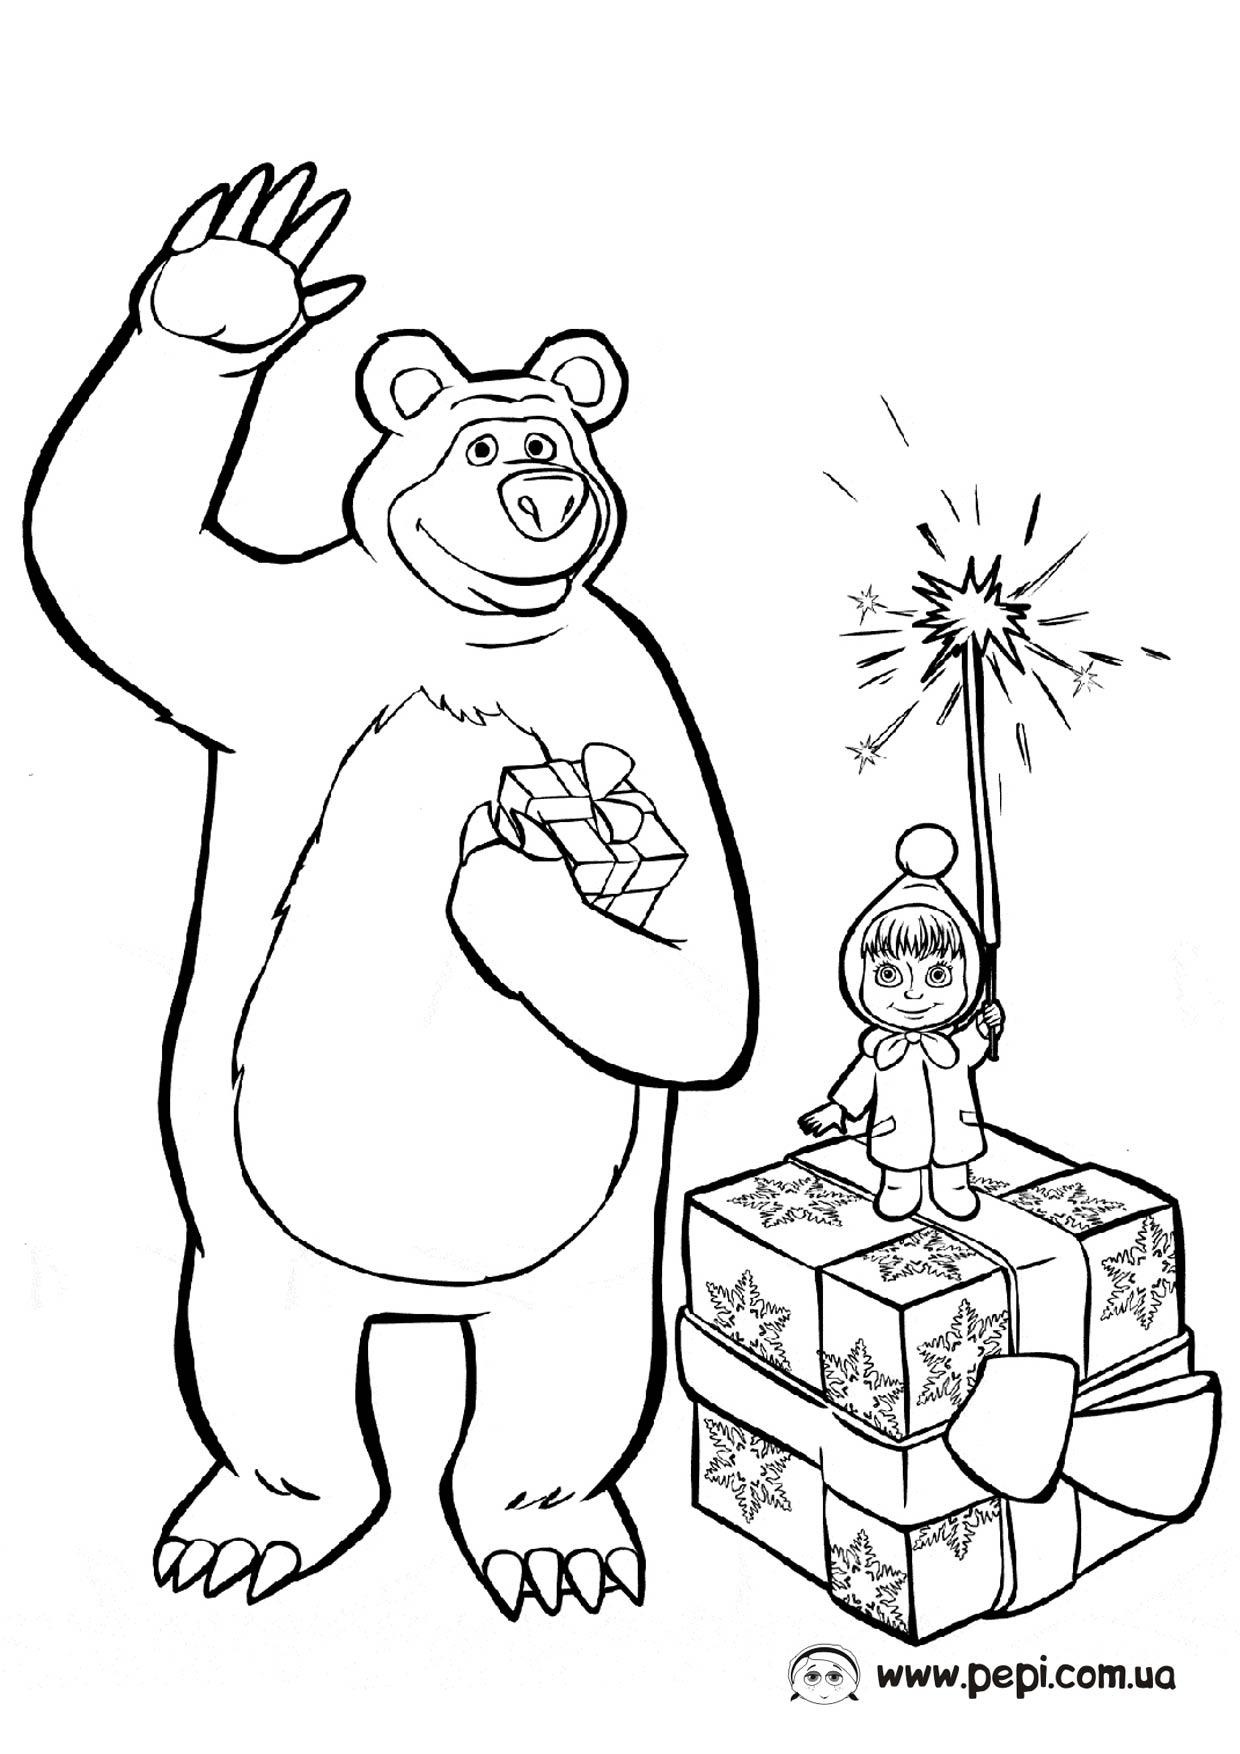 рисунки маша и медведь распечатать